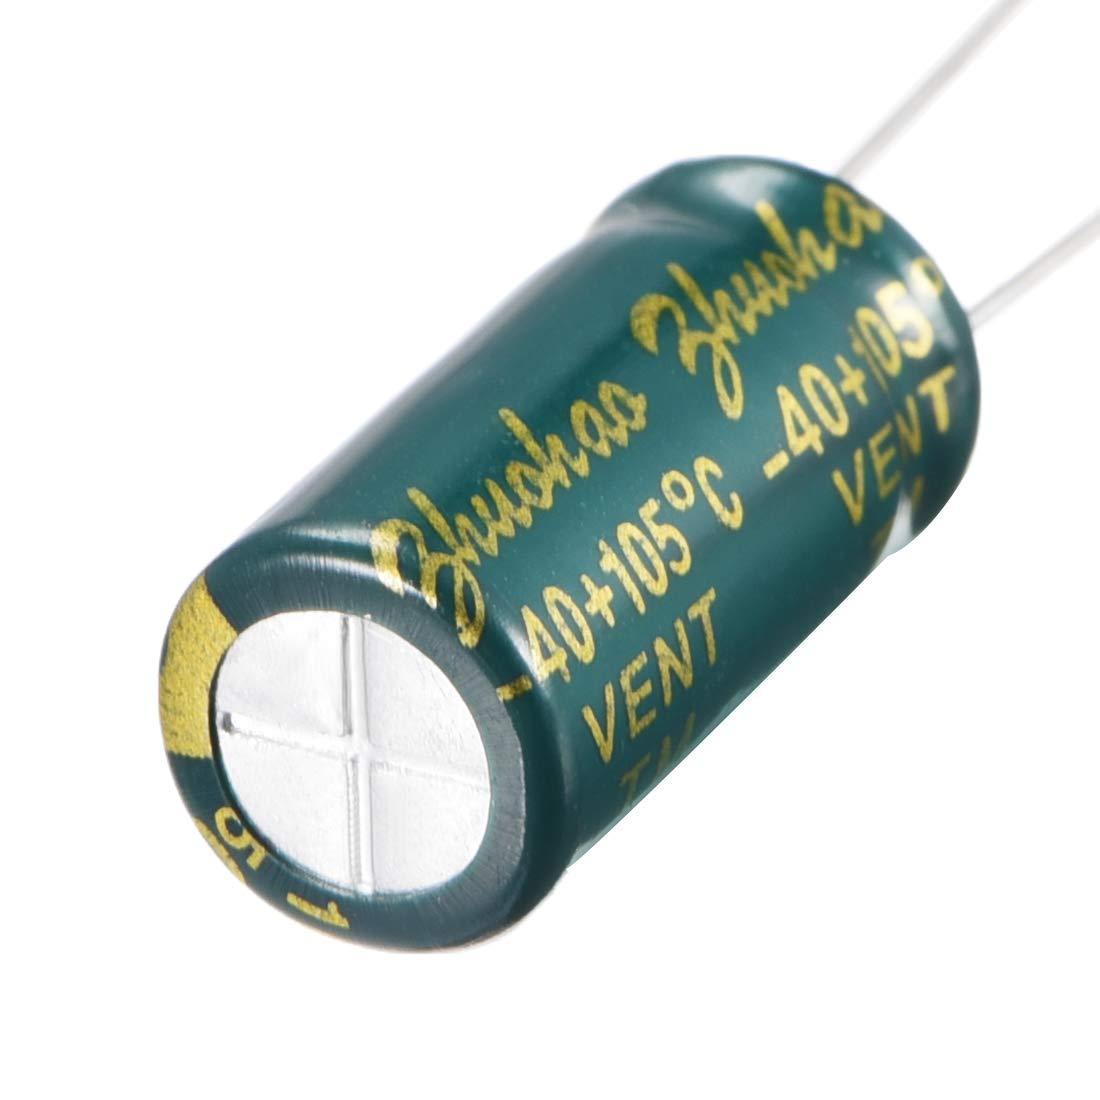 basse imp/édance 80pc Radial Condensateur /électrolytique vert faibl ESR 1500uF 10V 105/°C vie 3000H 8x16mm Courant dondulation /élev/é